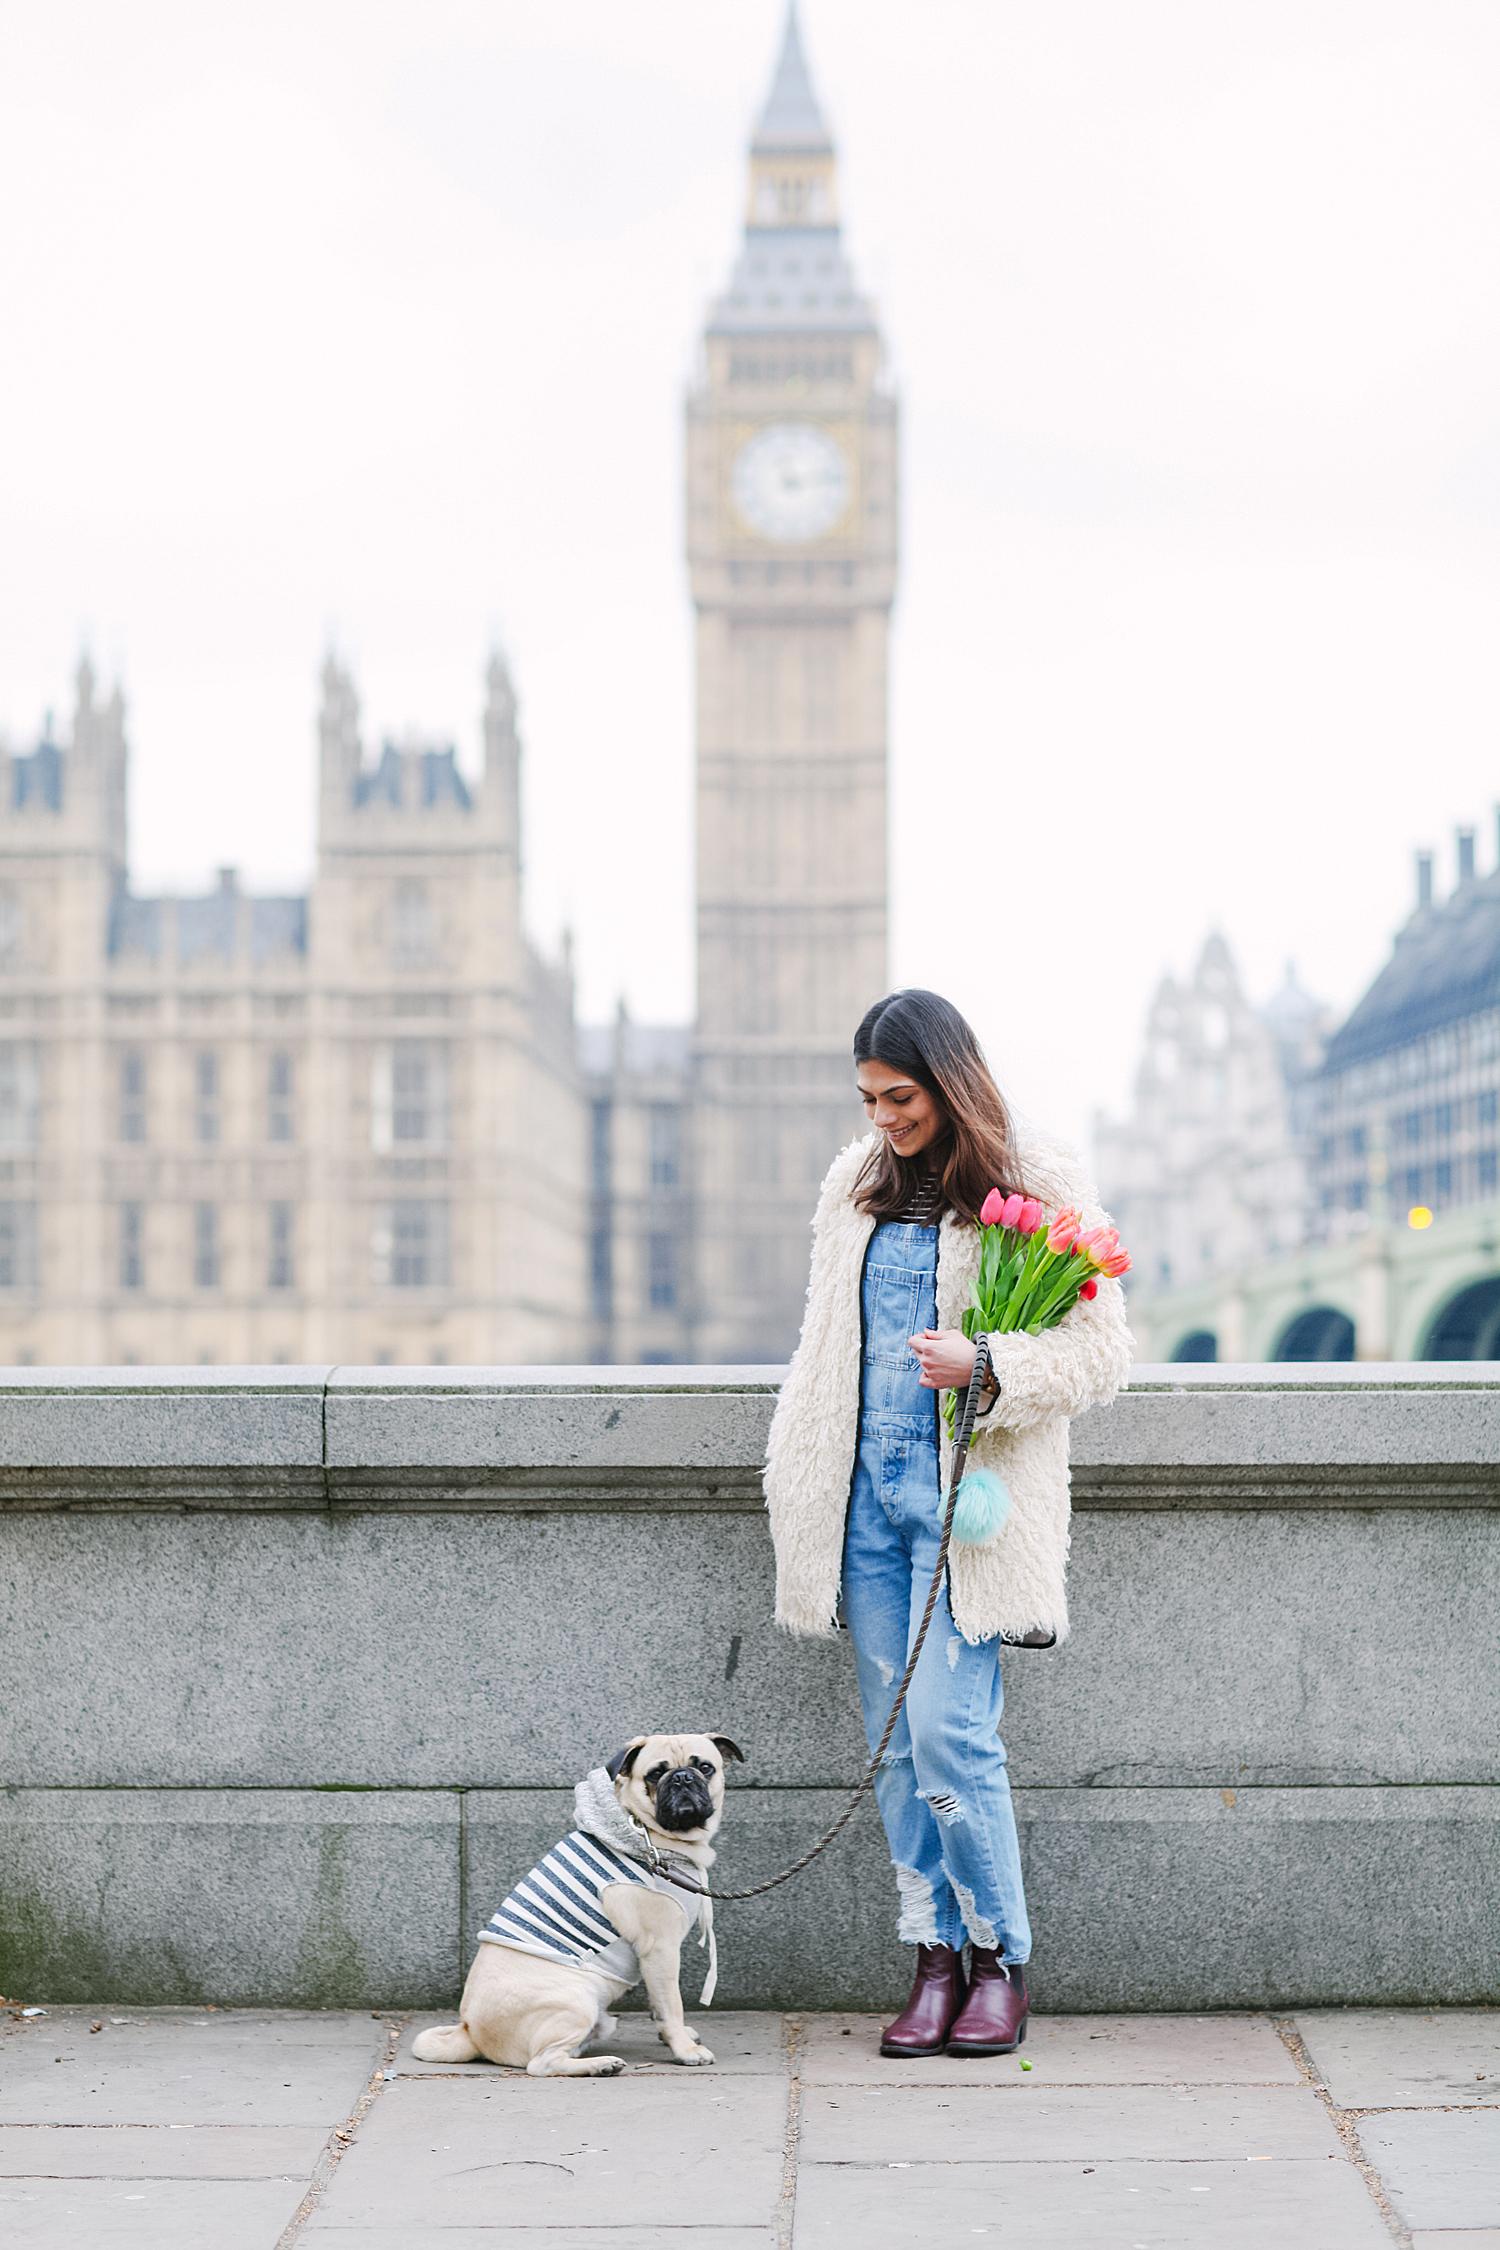 london-westminster-wesminsterabbey-honeyidressedthepug-dogfashionblog-petfashionblog-dogblog-london-uk-dogsinclothes-humanandhound-humanandhoundfashion-puglife-londonpug-bestdogblog-topdogblog-stylishdogs-instafamousdogs 3.jpg